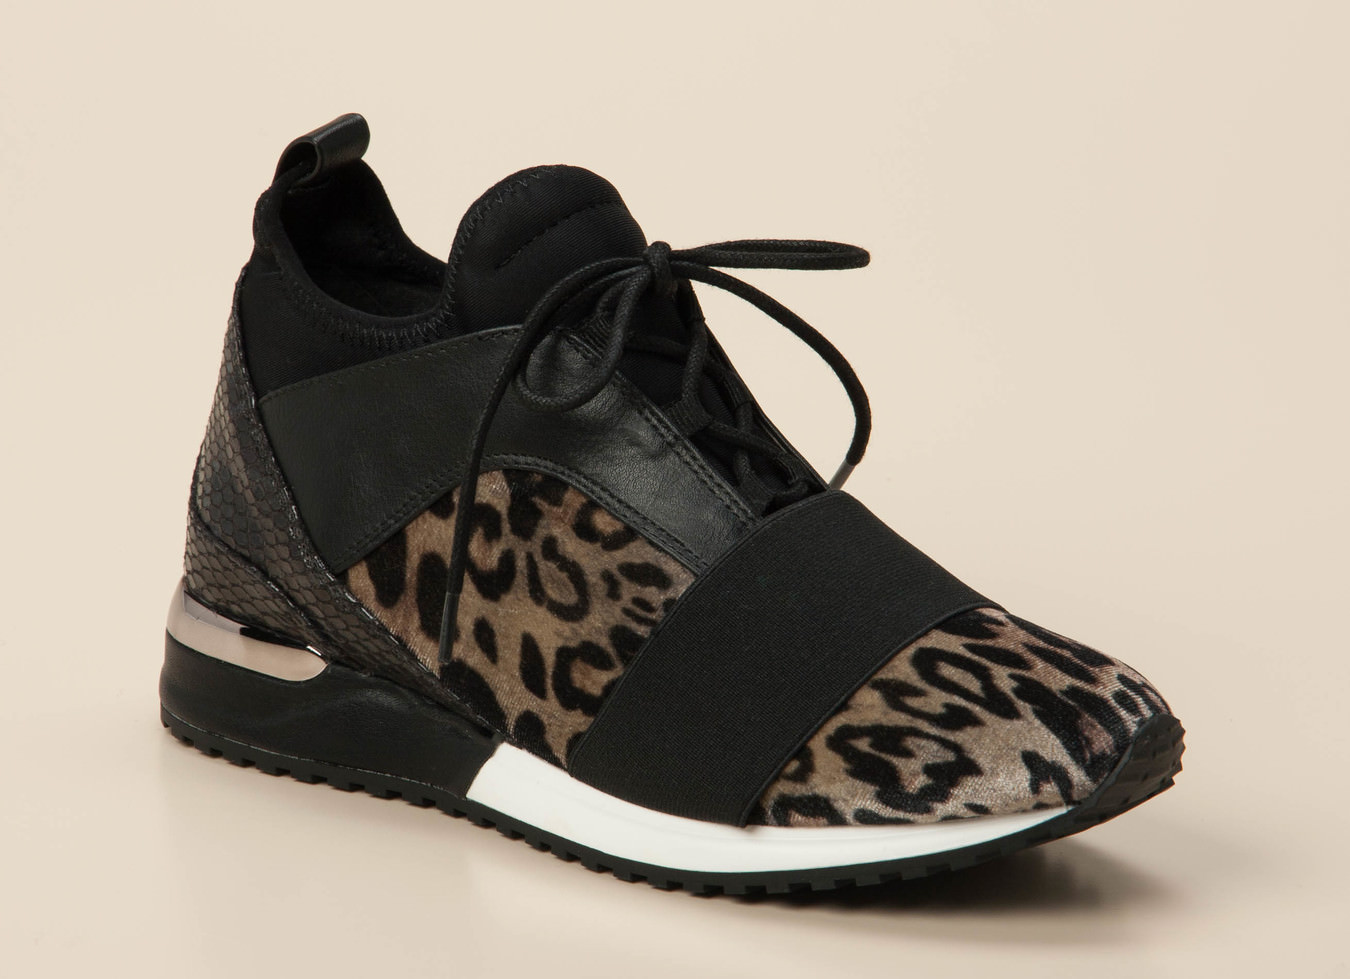 a31a4c4e0861a5 Ralph Harrison Damen Sneaker high in schwarz braun kaufen